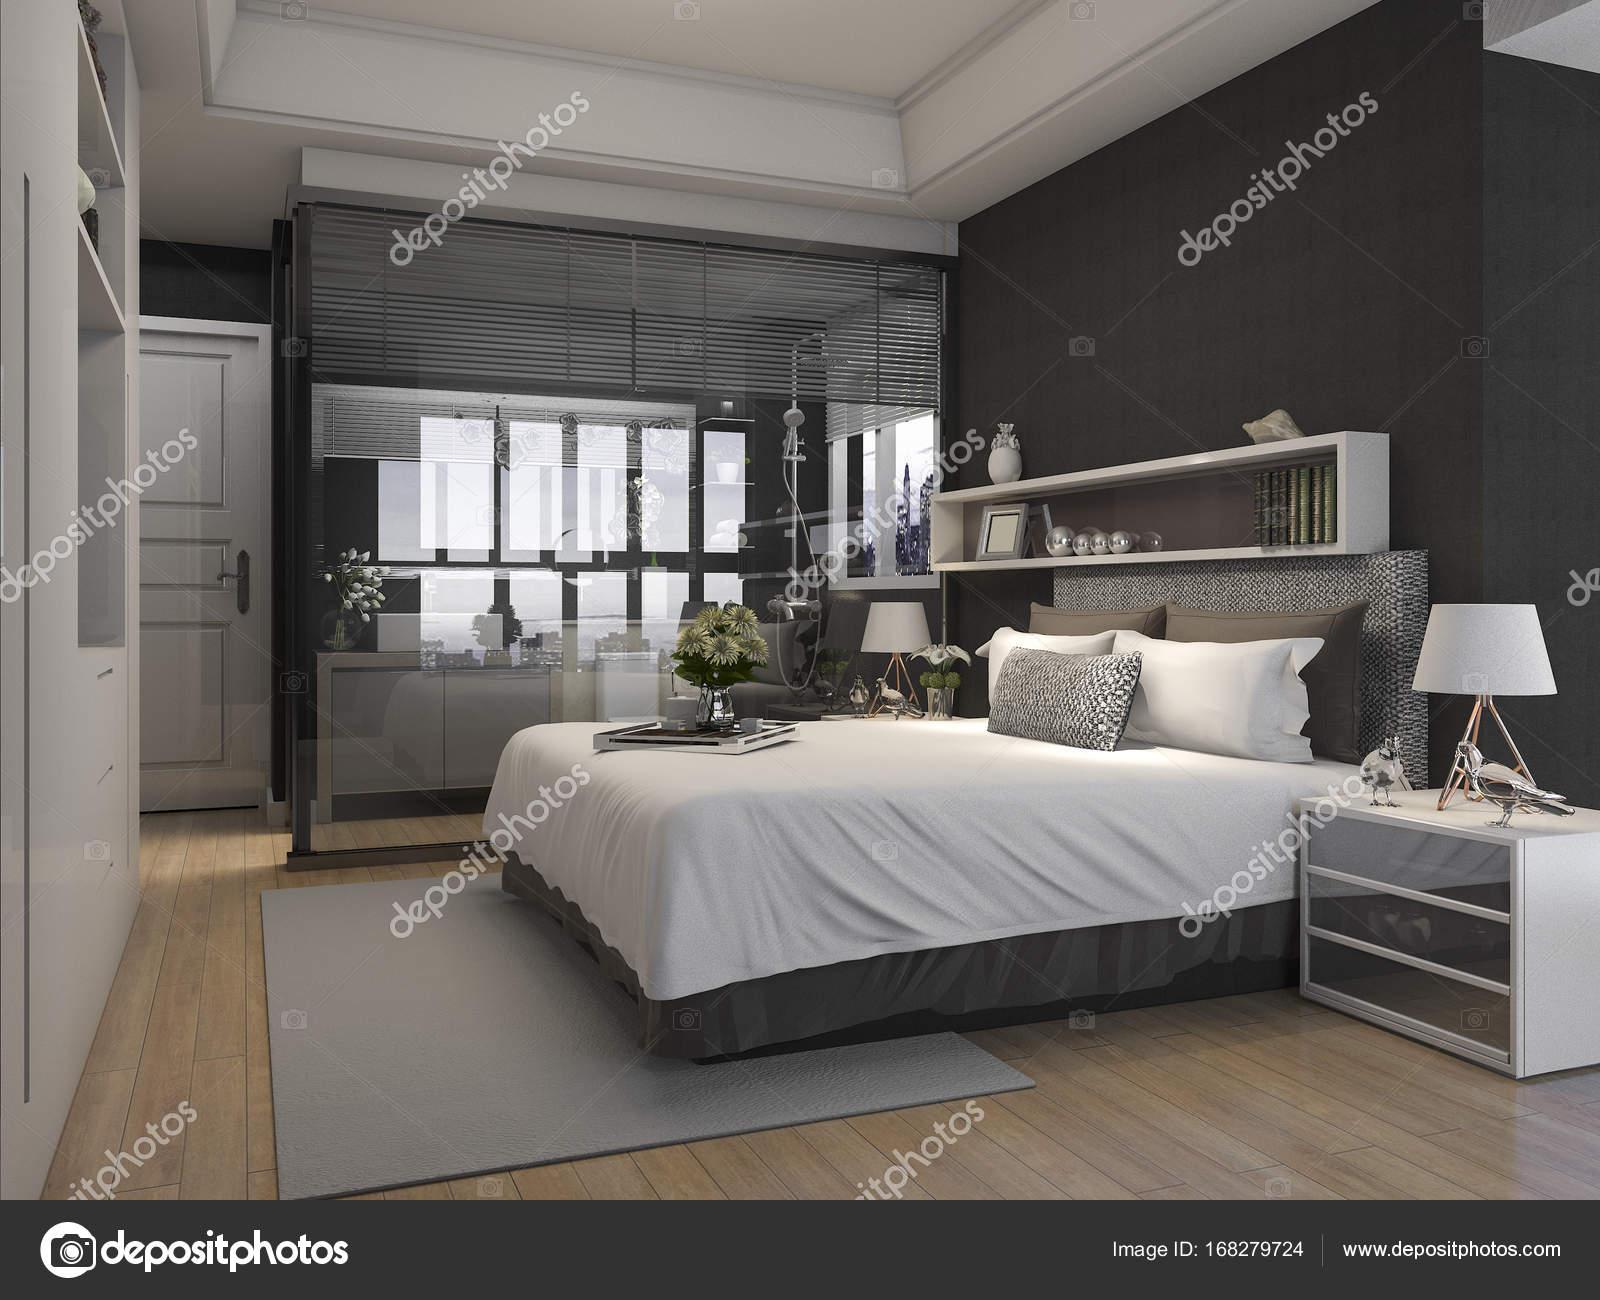 Bagno In Camera Con Vetrata : D rendering lusso suite camera da letto hotel vicino vetro